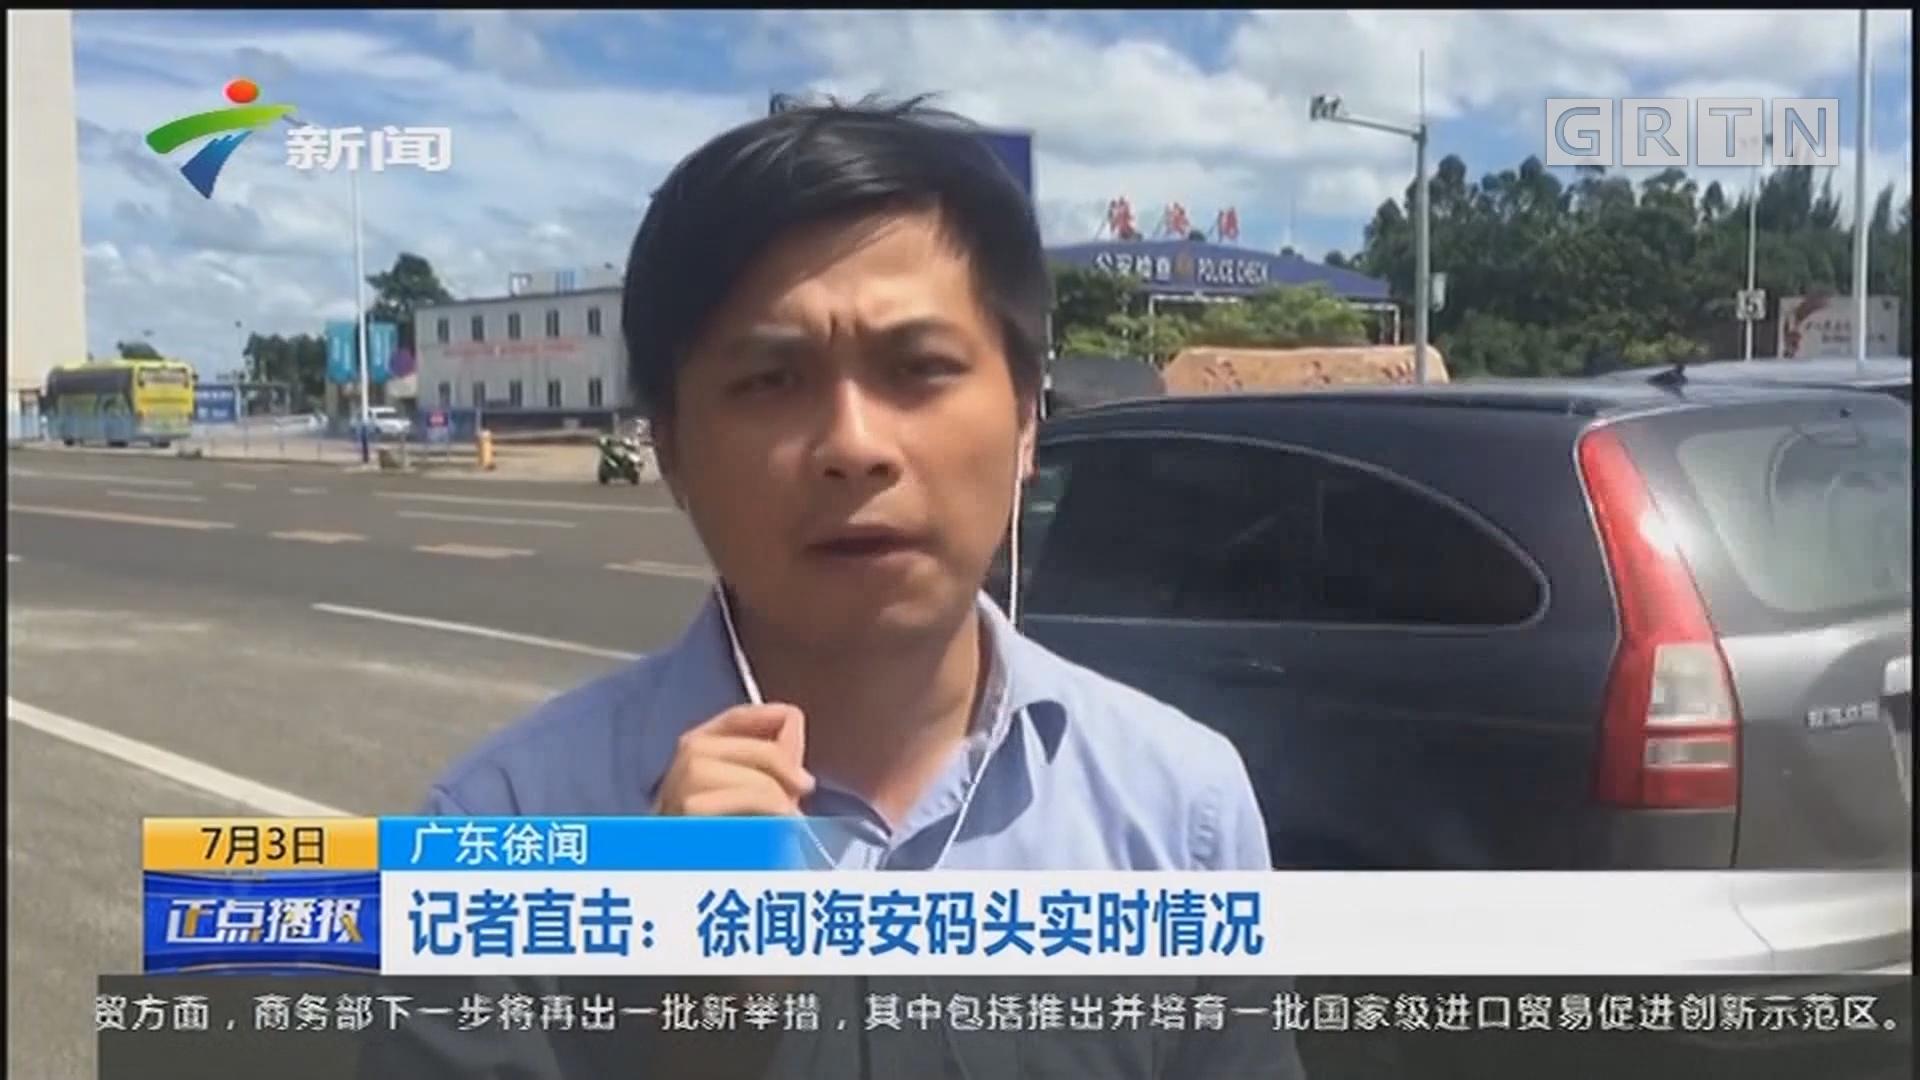 广东徐闻 记者直击:徐闻海安码头实时情况